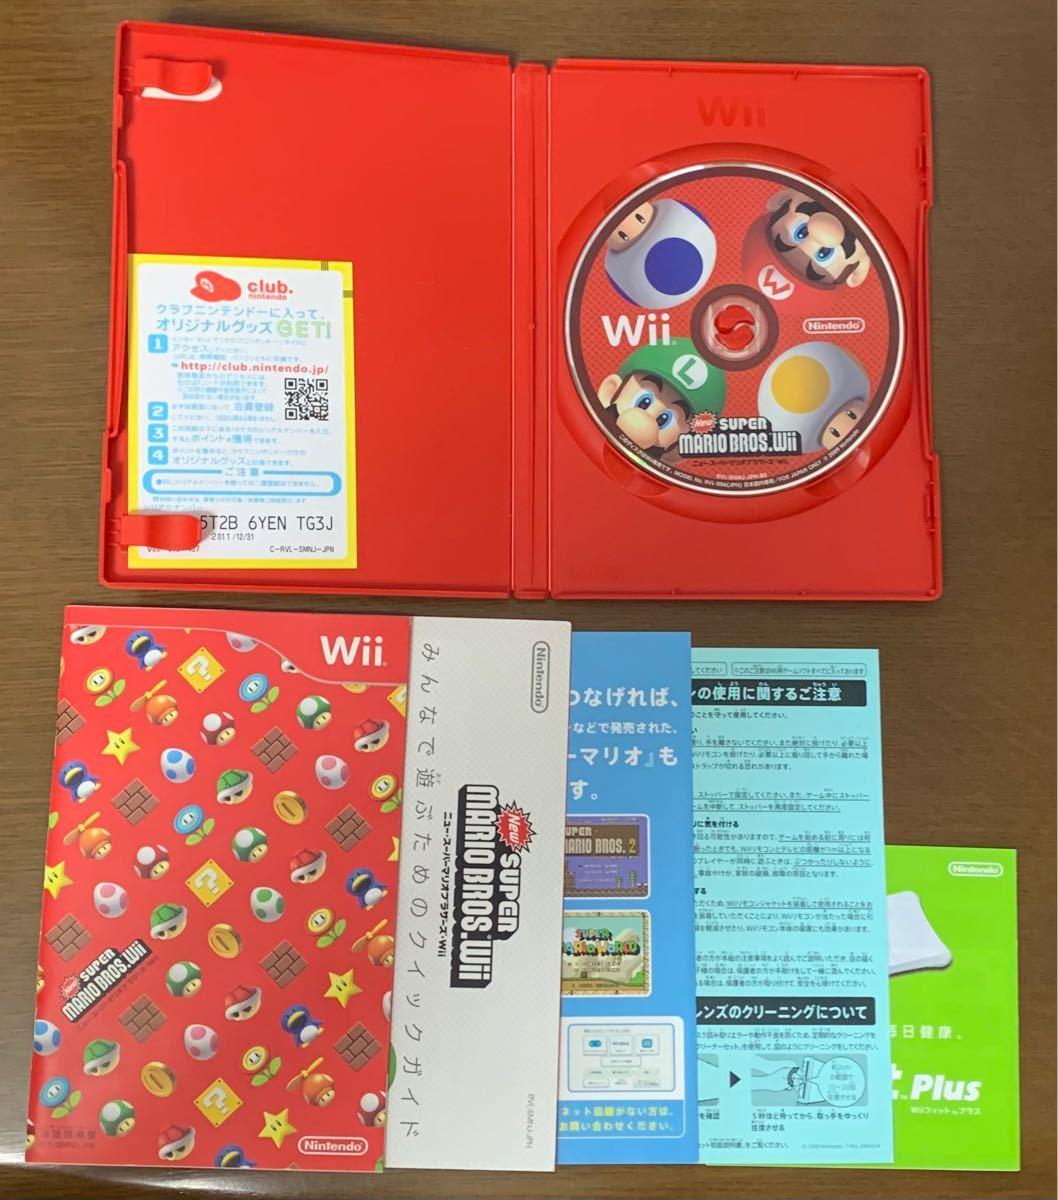 【任天堂Wii】ワリオランドシェイク NewスーパーマリオブラザーズWii